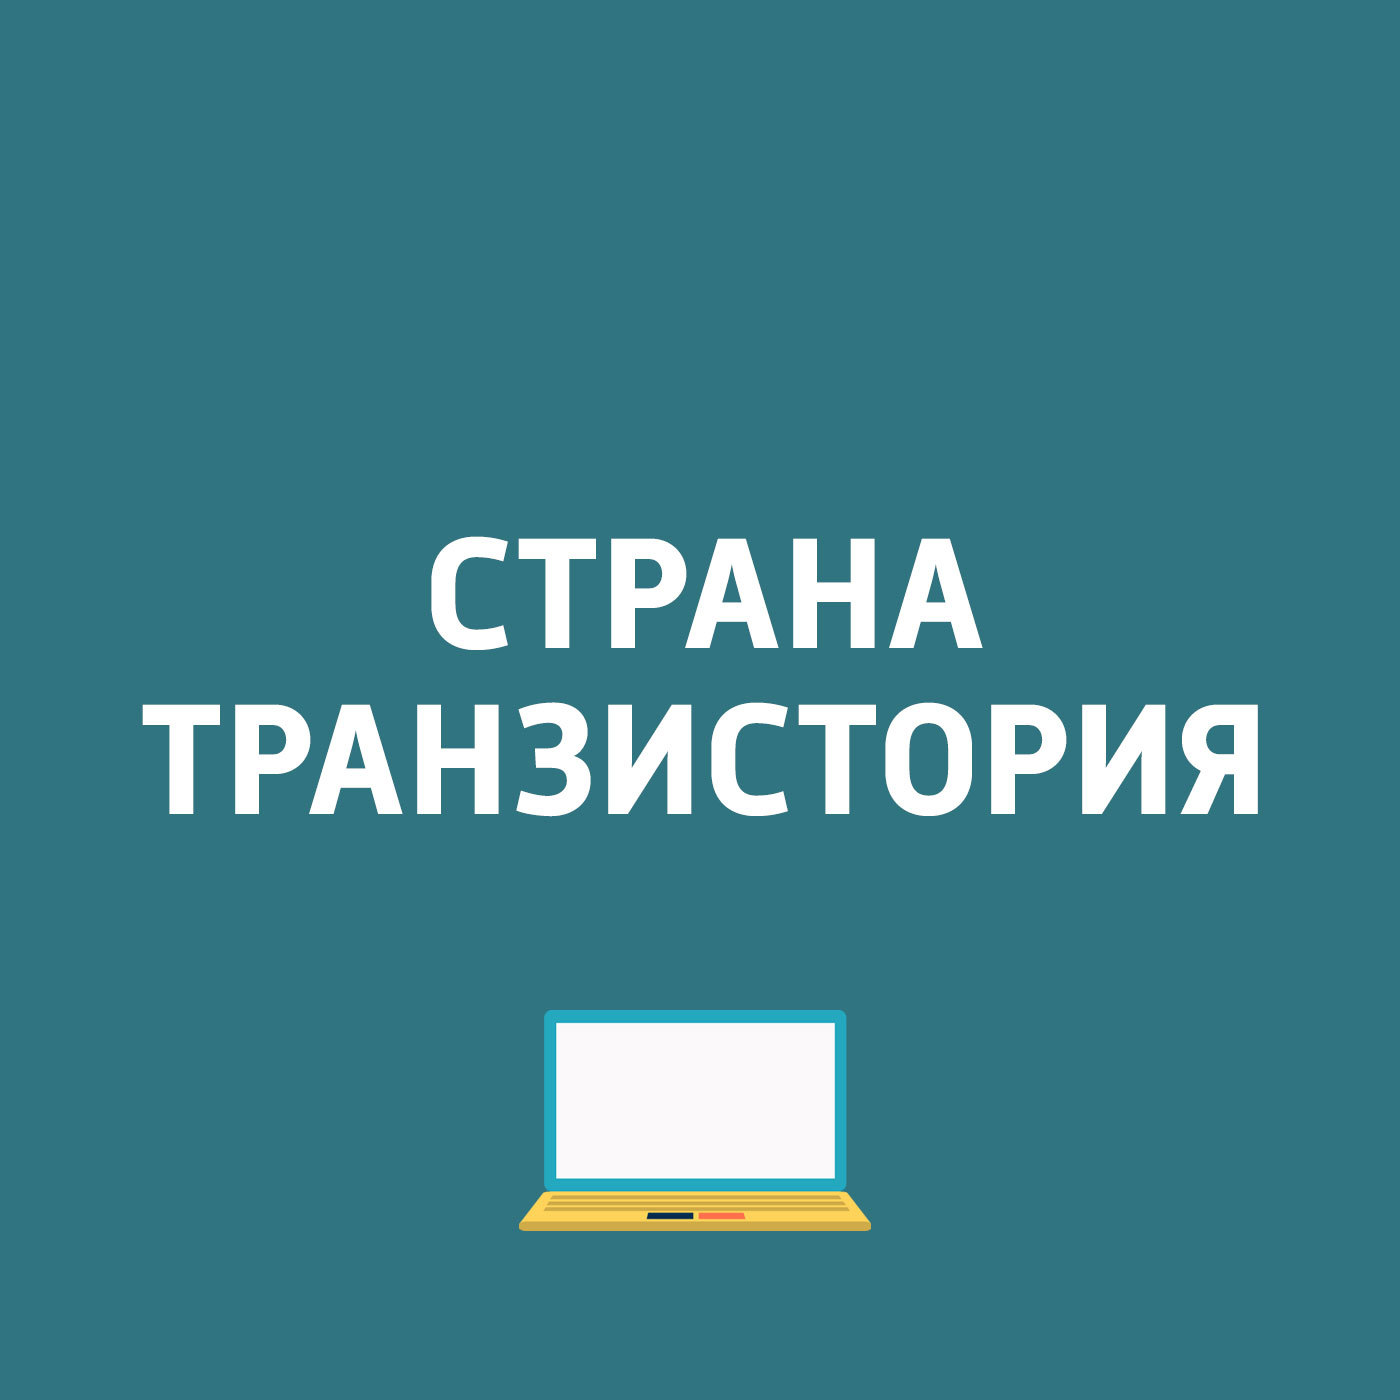 Картаев Павел Блокировка pleer, приложение с лицами картаев павел блокировка контента запросы в яндексе новый iphone